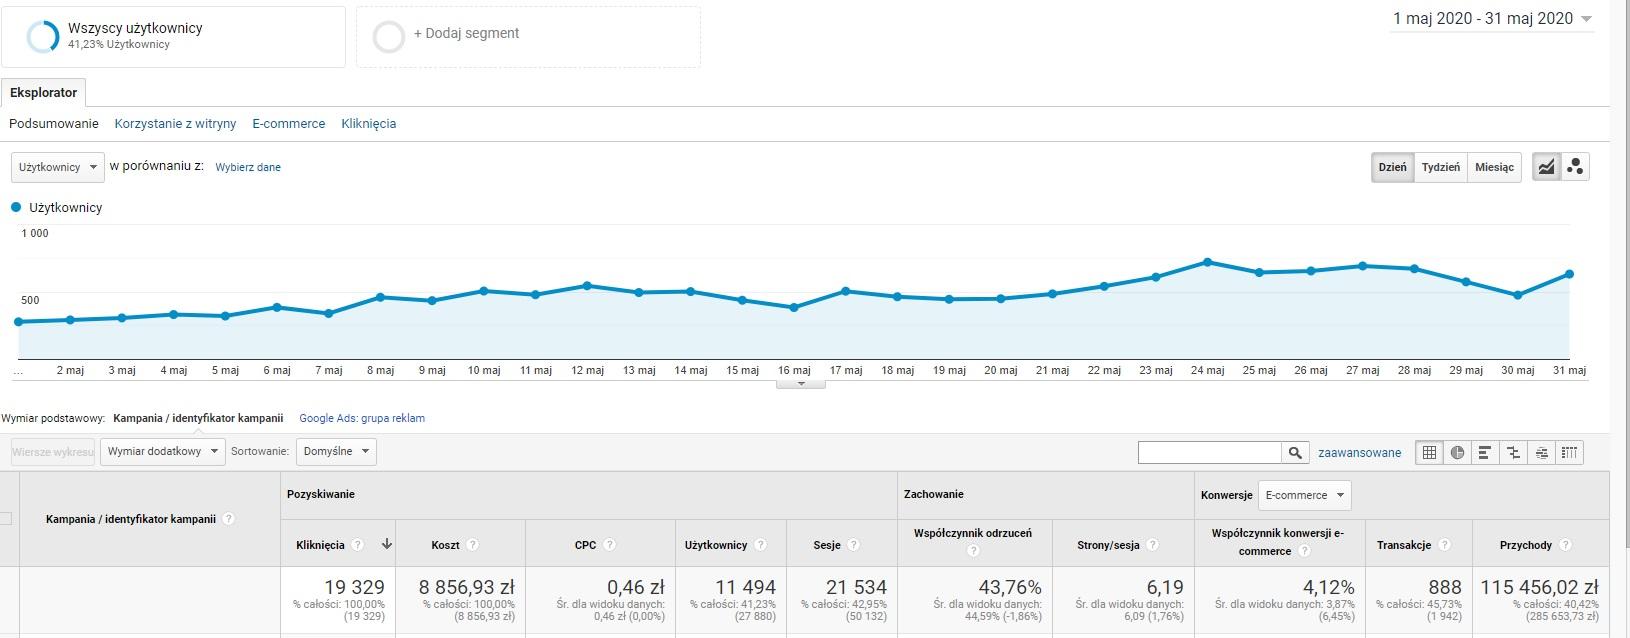 Wyniki kampanii Google Ads dla sklepu internetowego - Maj 2020